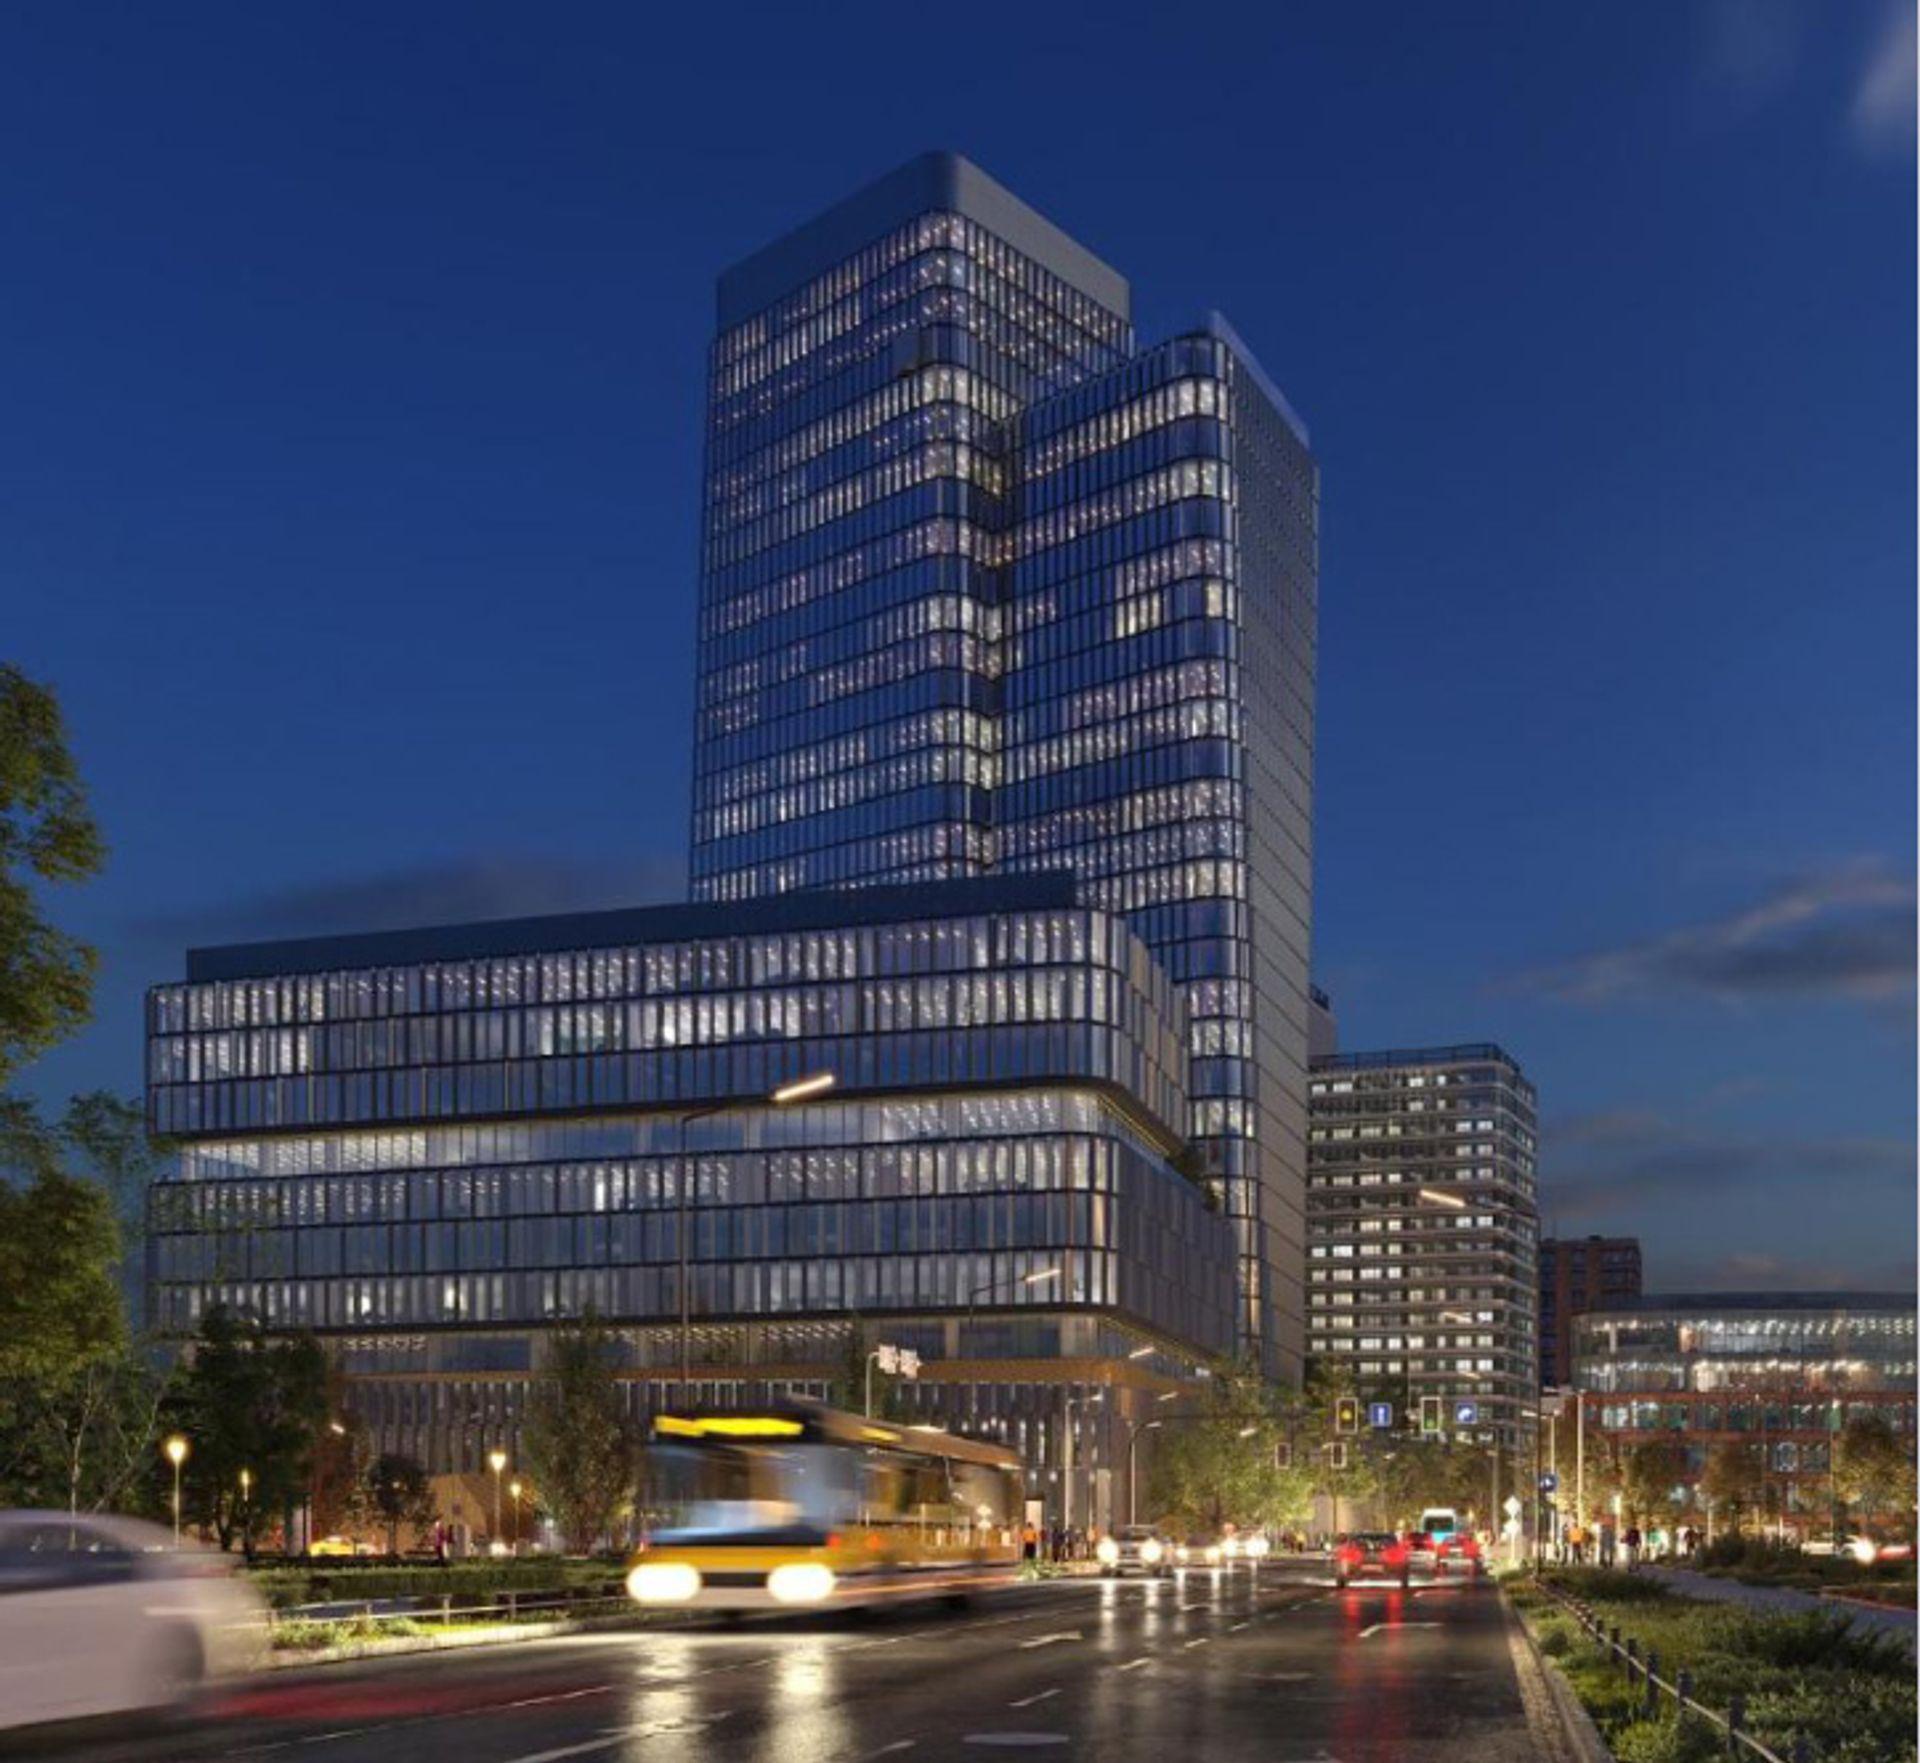 We Wrocławiu trwa budowa kompleksu Quorum ze 140 i 73-metrowymi wieżowcami [FILM + ZDJĘCIA]